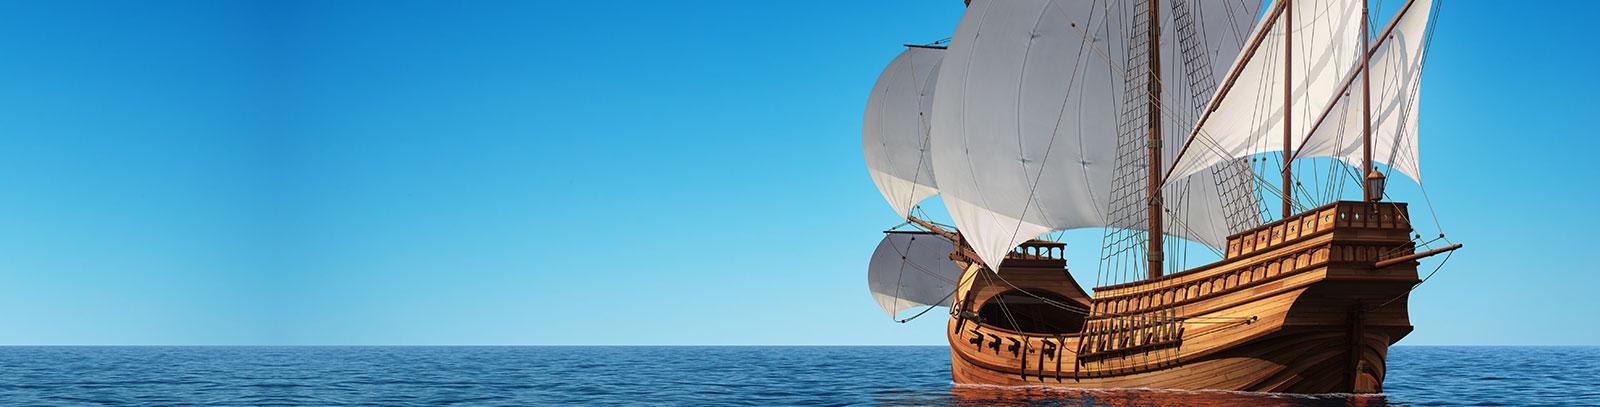 Marigalante Pirate Ship en Mexico